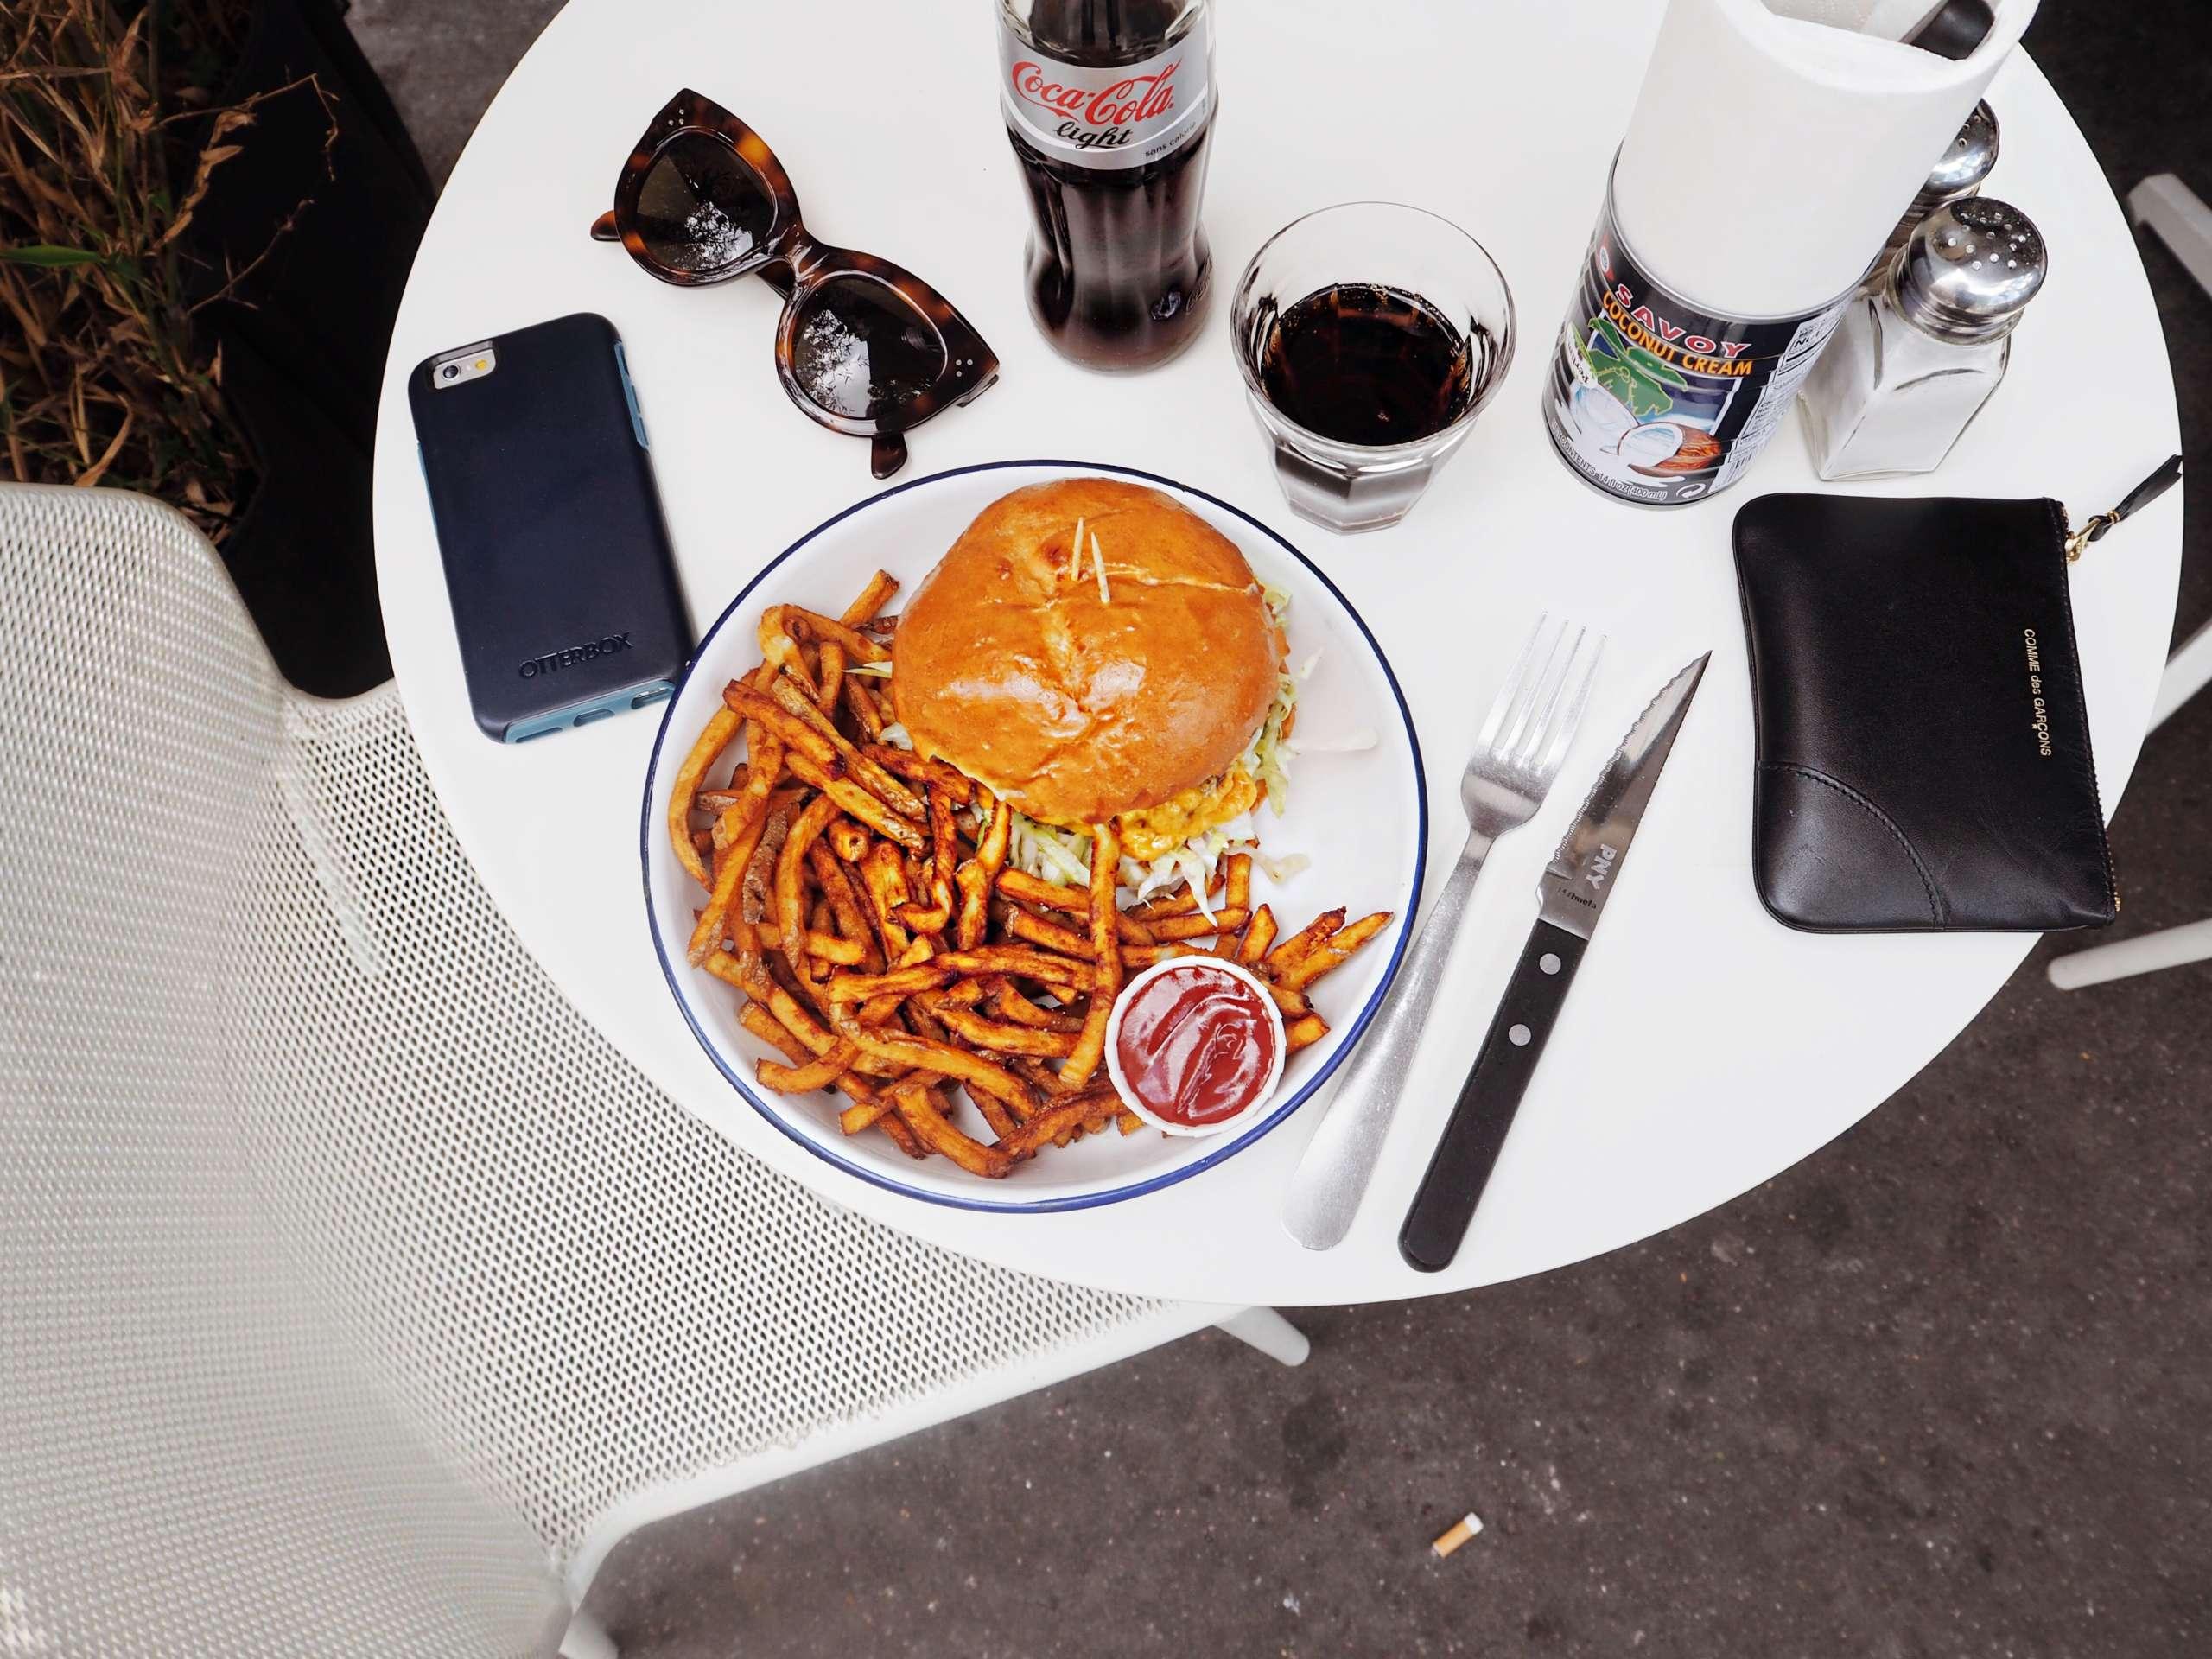 amorino-anine-bing-paris-blogger-paris-guide-cafe-charlot-paris-colourfu-lrebel-grey-sweater-trend-otterbox-paris-guide-perchoir-du-marais-pny-hamburgers-the-broken-arm-paris-tommy-hilfiger